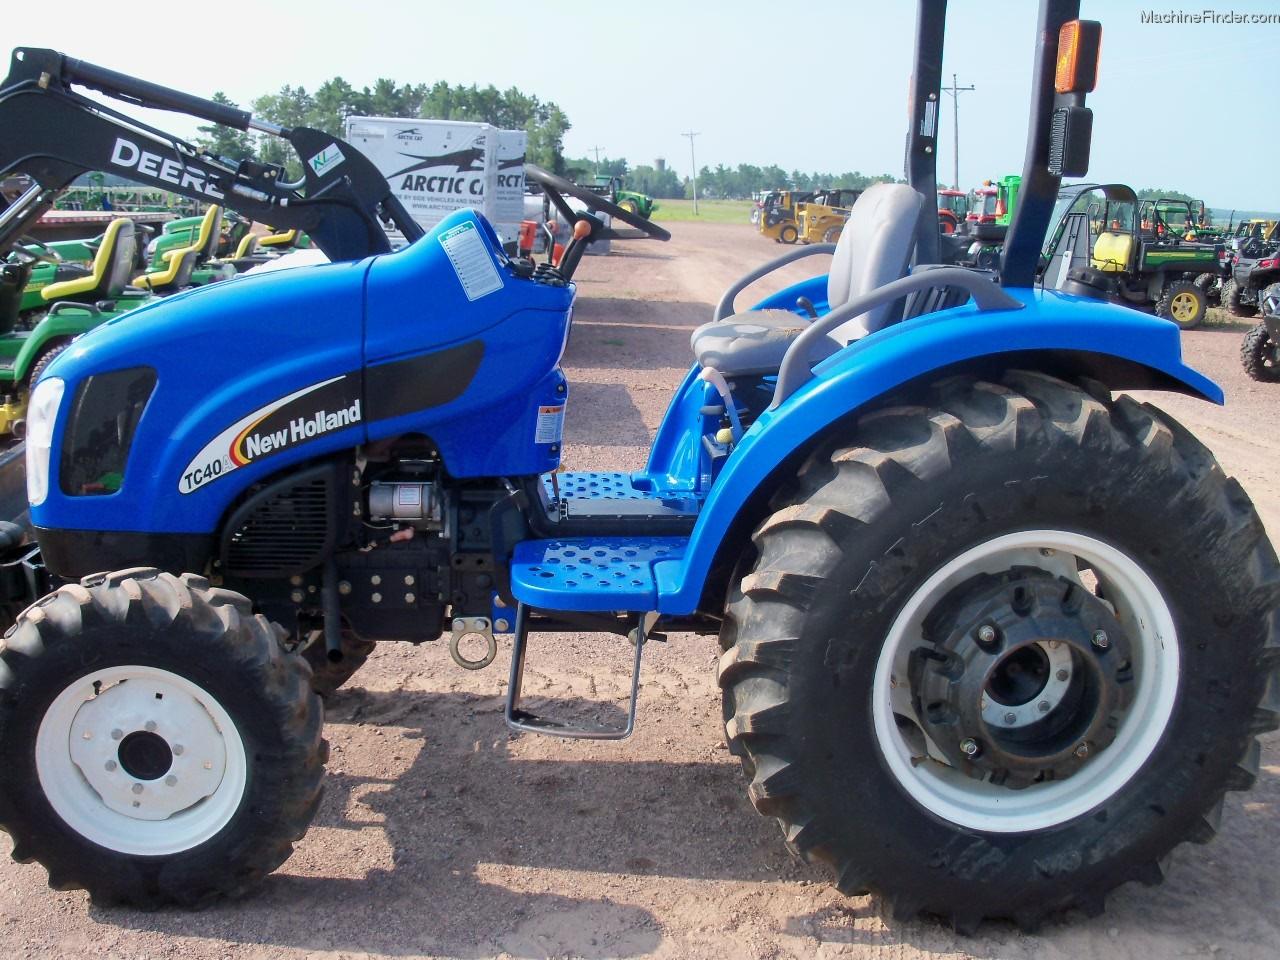 New Holland Compact Tractors Parts : New holland tc a tractors compact hp john